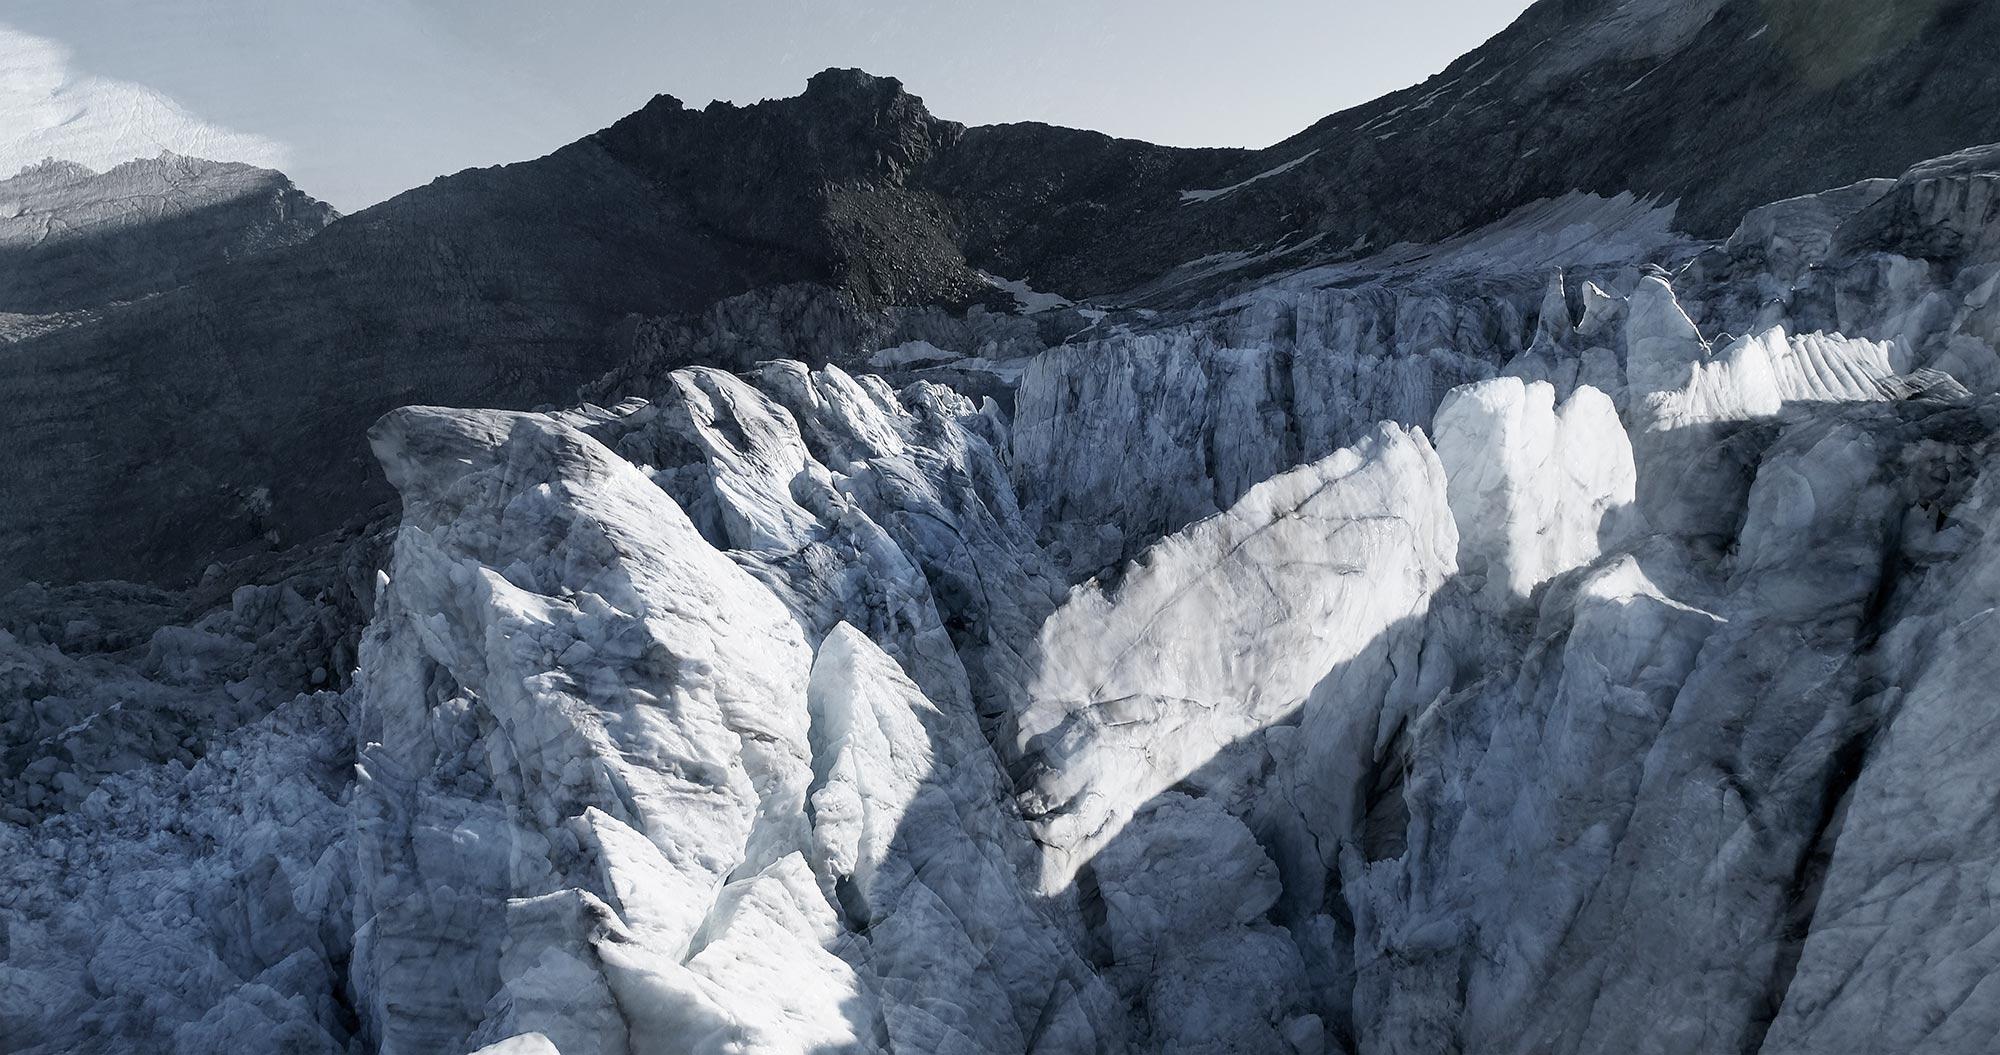 #136 Glaciers offset, 2017, photographie reconstruite à partir de bandes videos, réalisées sur le glacier de Moiry  #136 Glaciers offset, 2017, photographie reconstruite à partir de bandes videos, réalisées sur le glacier de Moiry